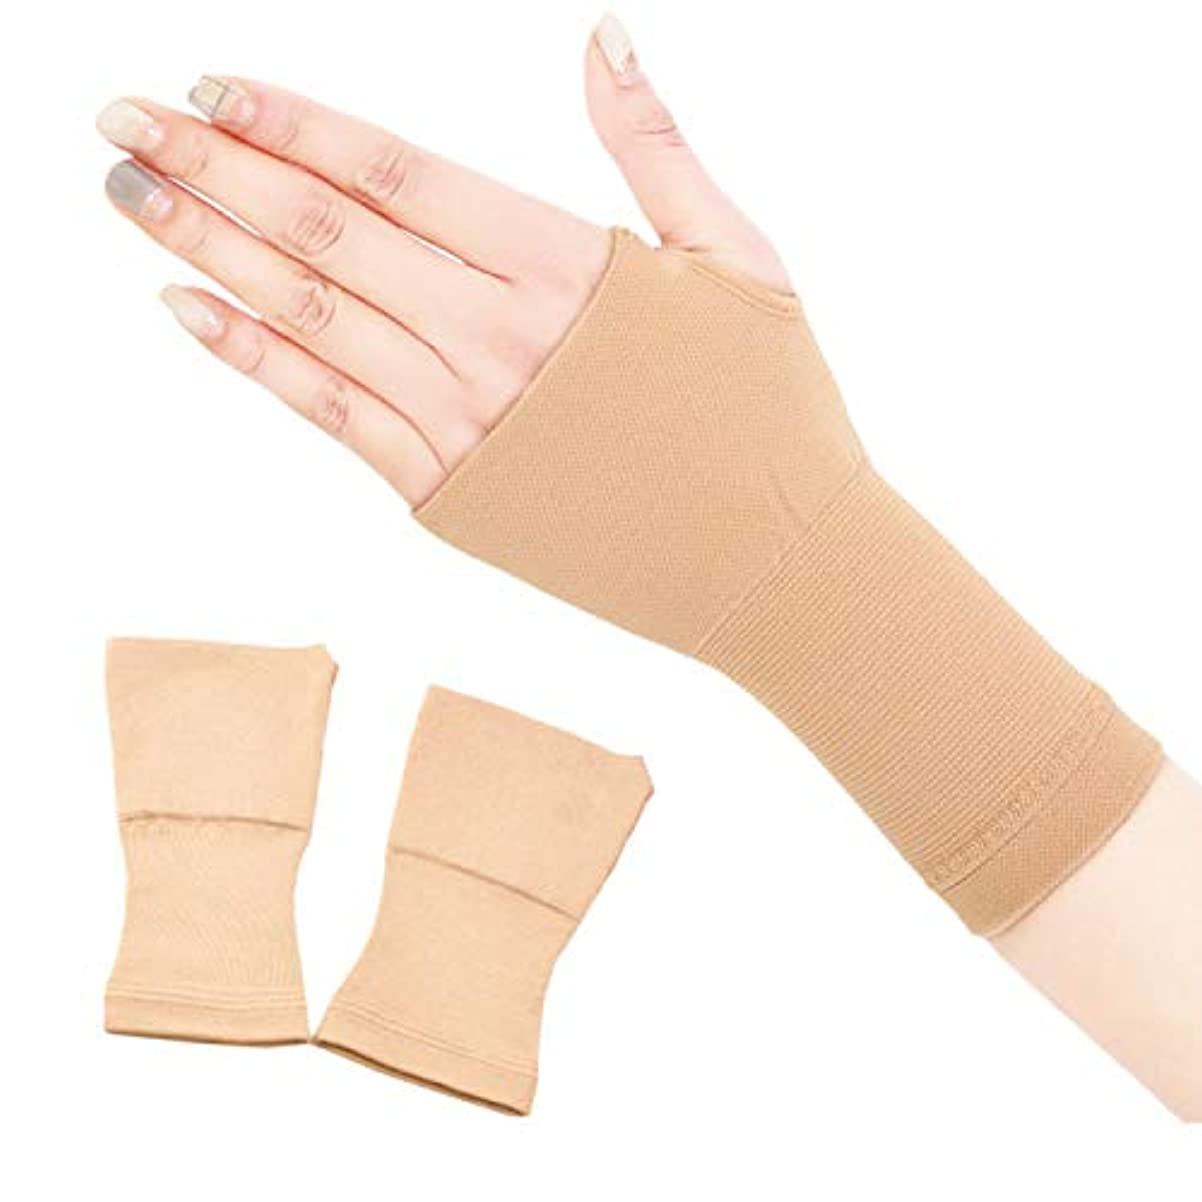 これらシマウマ知的関節痛のための2個の手首サポート手首ラップブレース手根管腱鞘炎圧縮弾性ソフト加リストバンドグレート,L